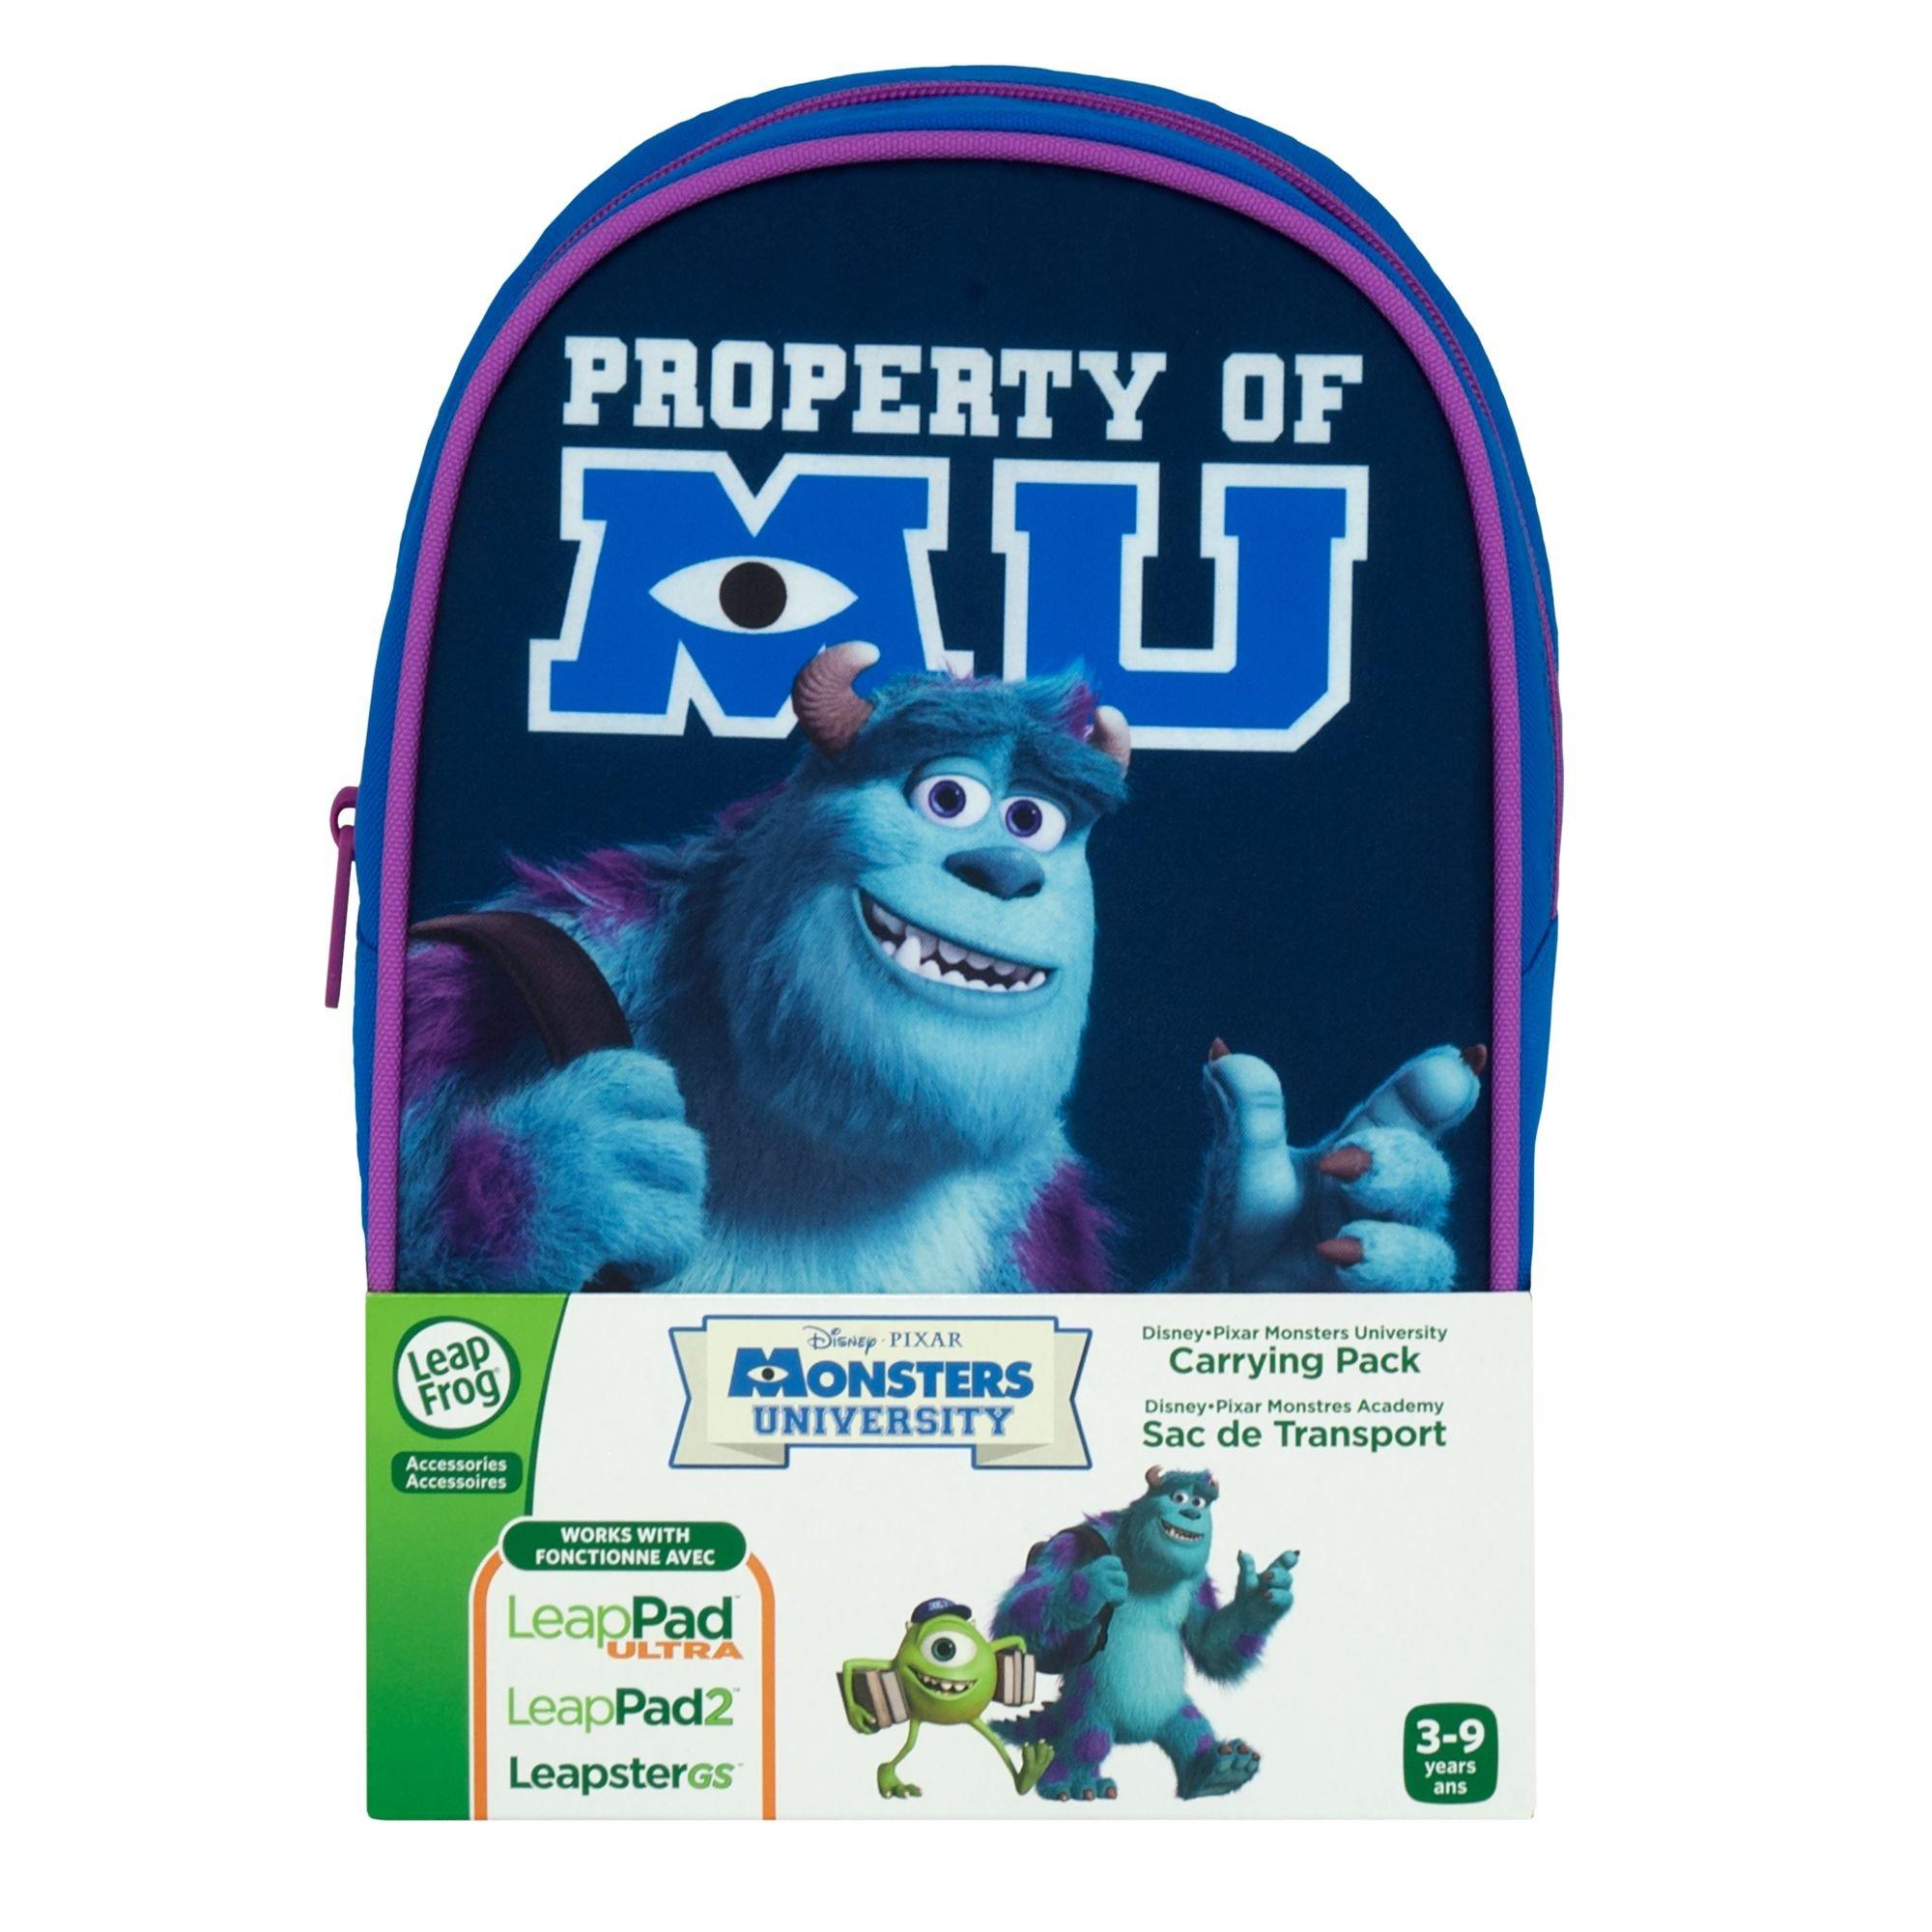 LeapFrog Disney Pixar Monsters University Carrying Pack by LeapFrog (Image #4)